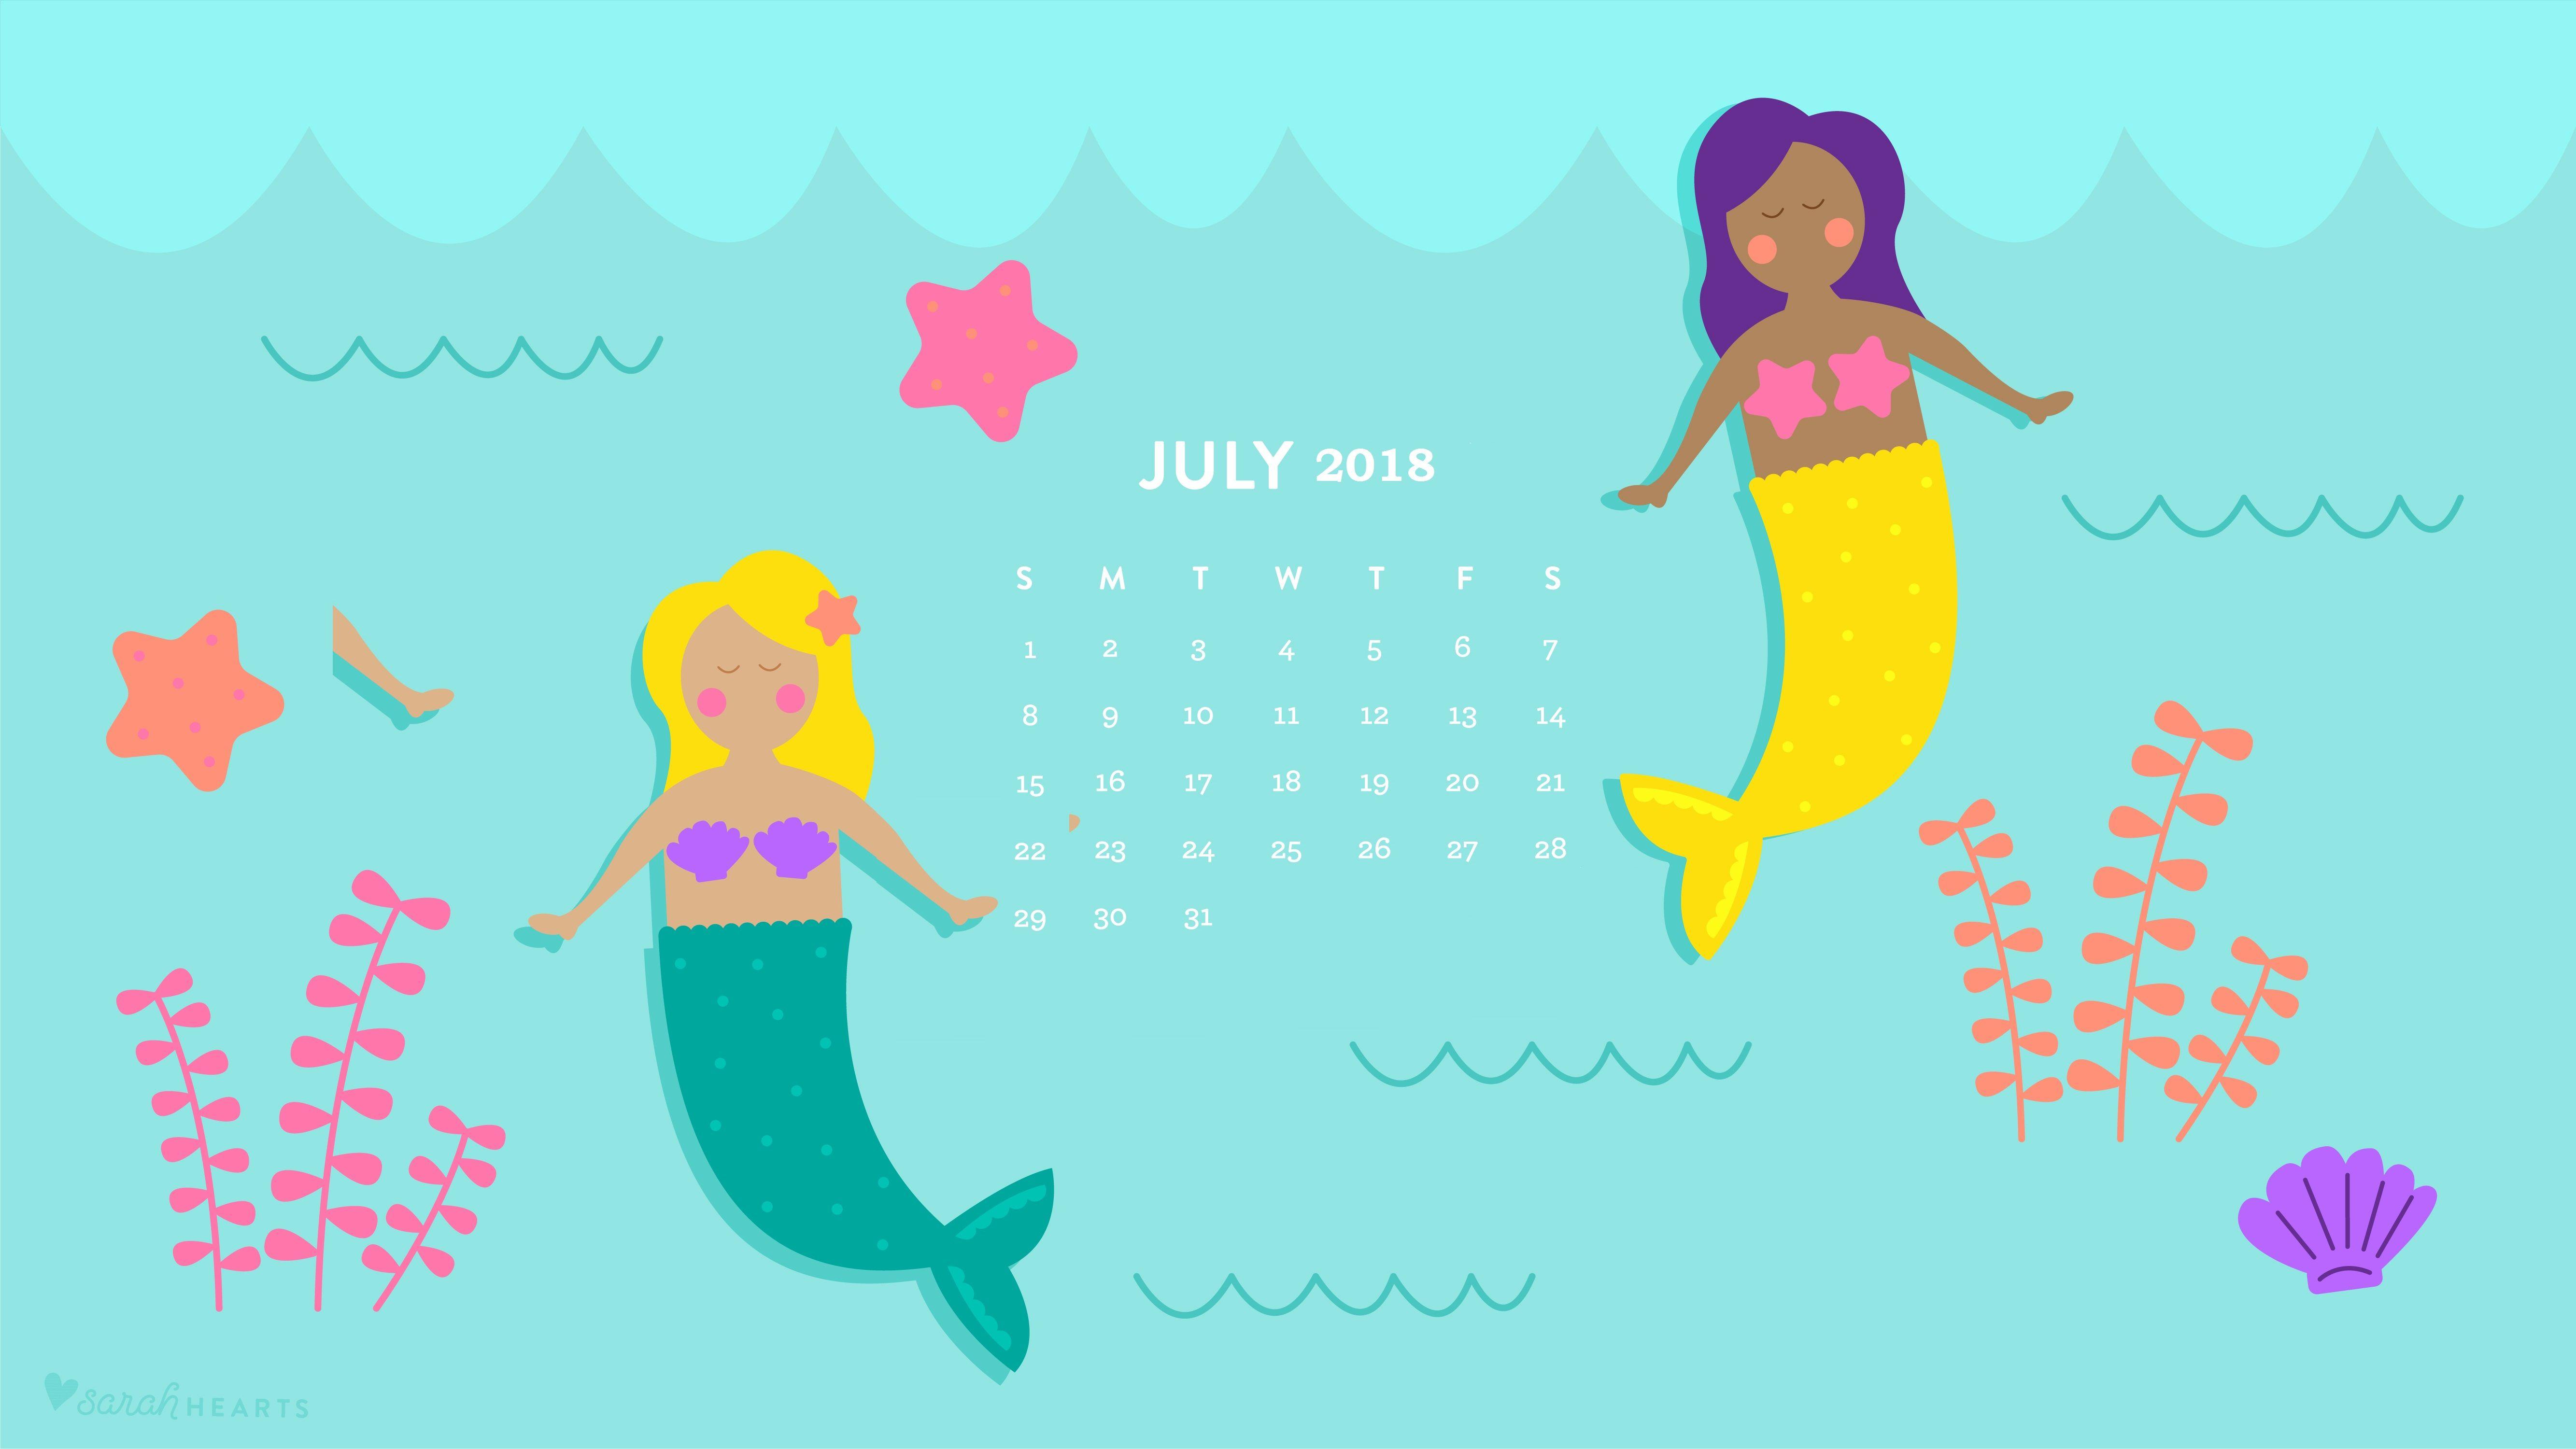 july 2018 desktop calendar for kids maxcalendars pinterest